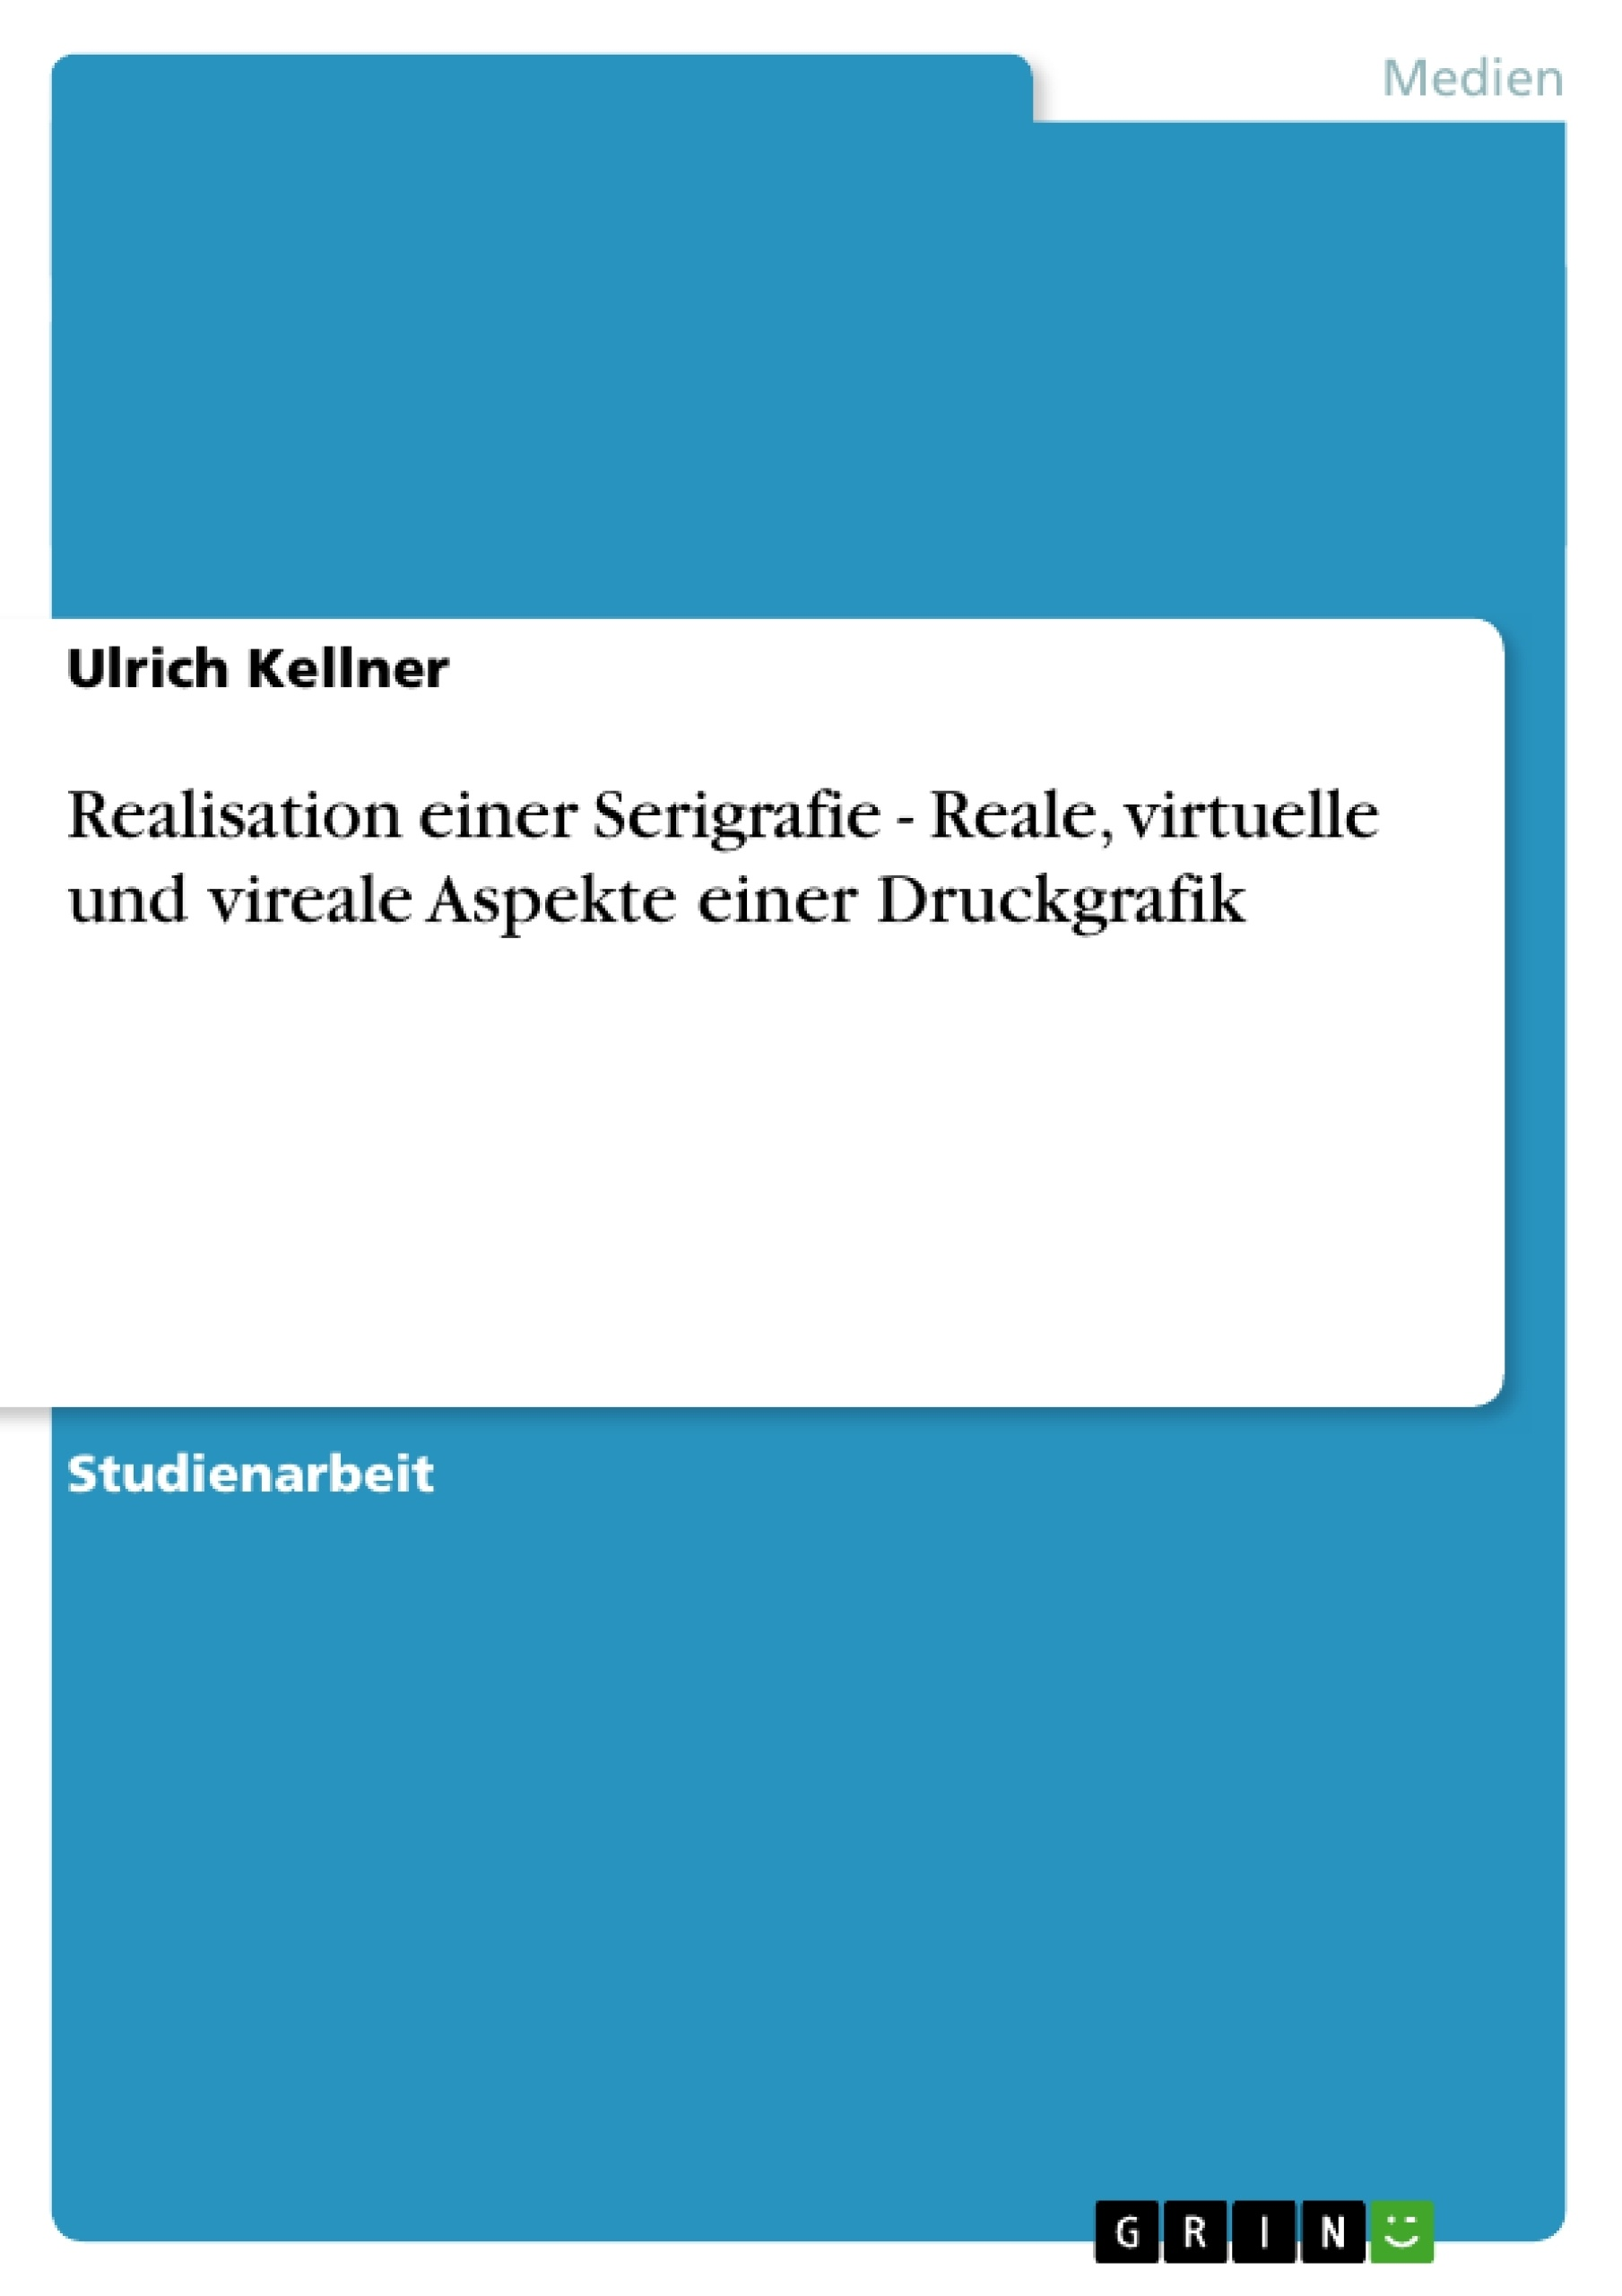 Titel: Realisation einer Serigrafie - Reale, virtuelle und vireale Aspekte einer Druckgrafik